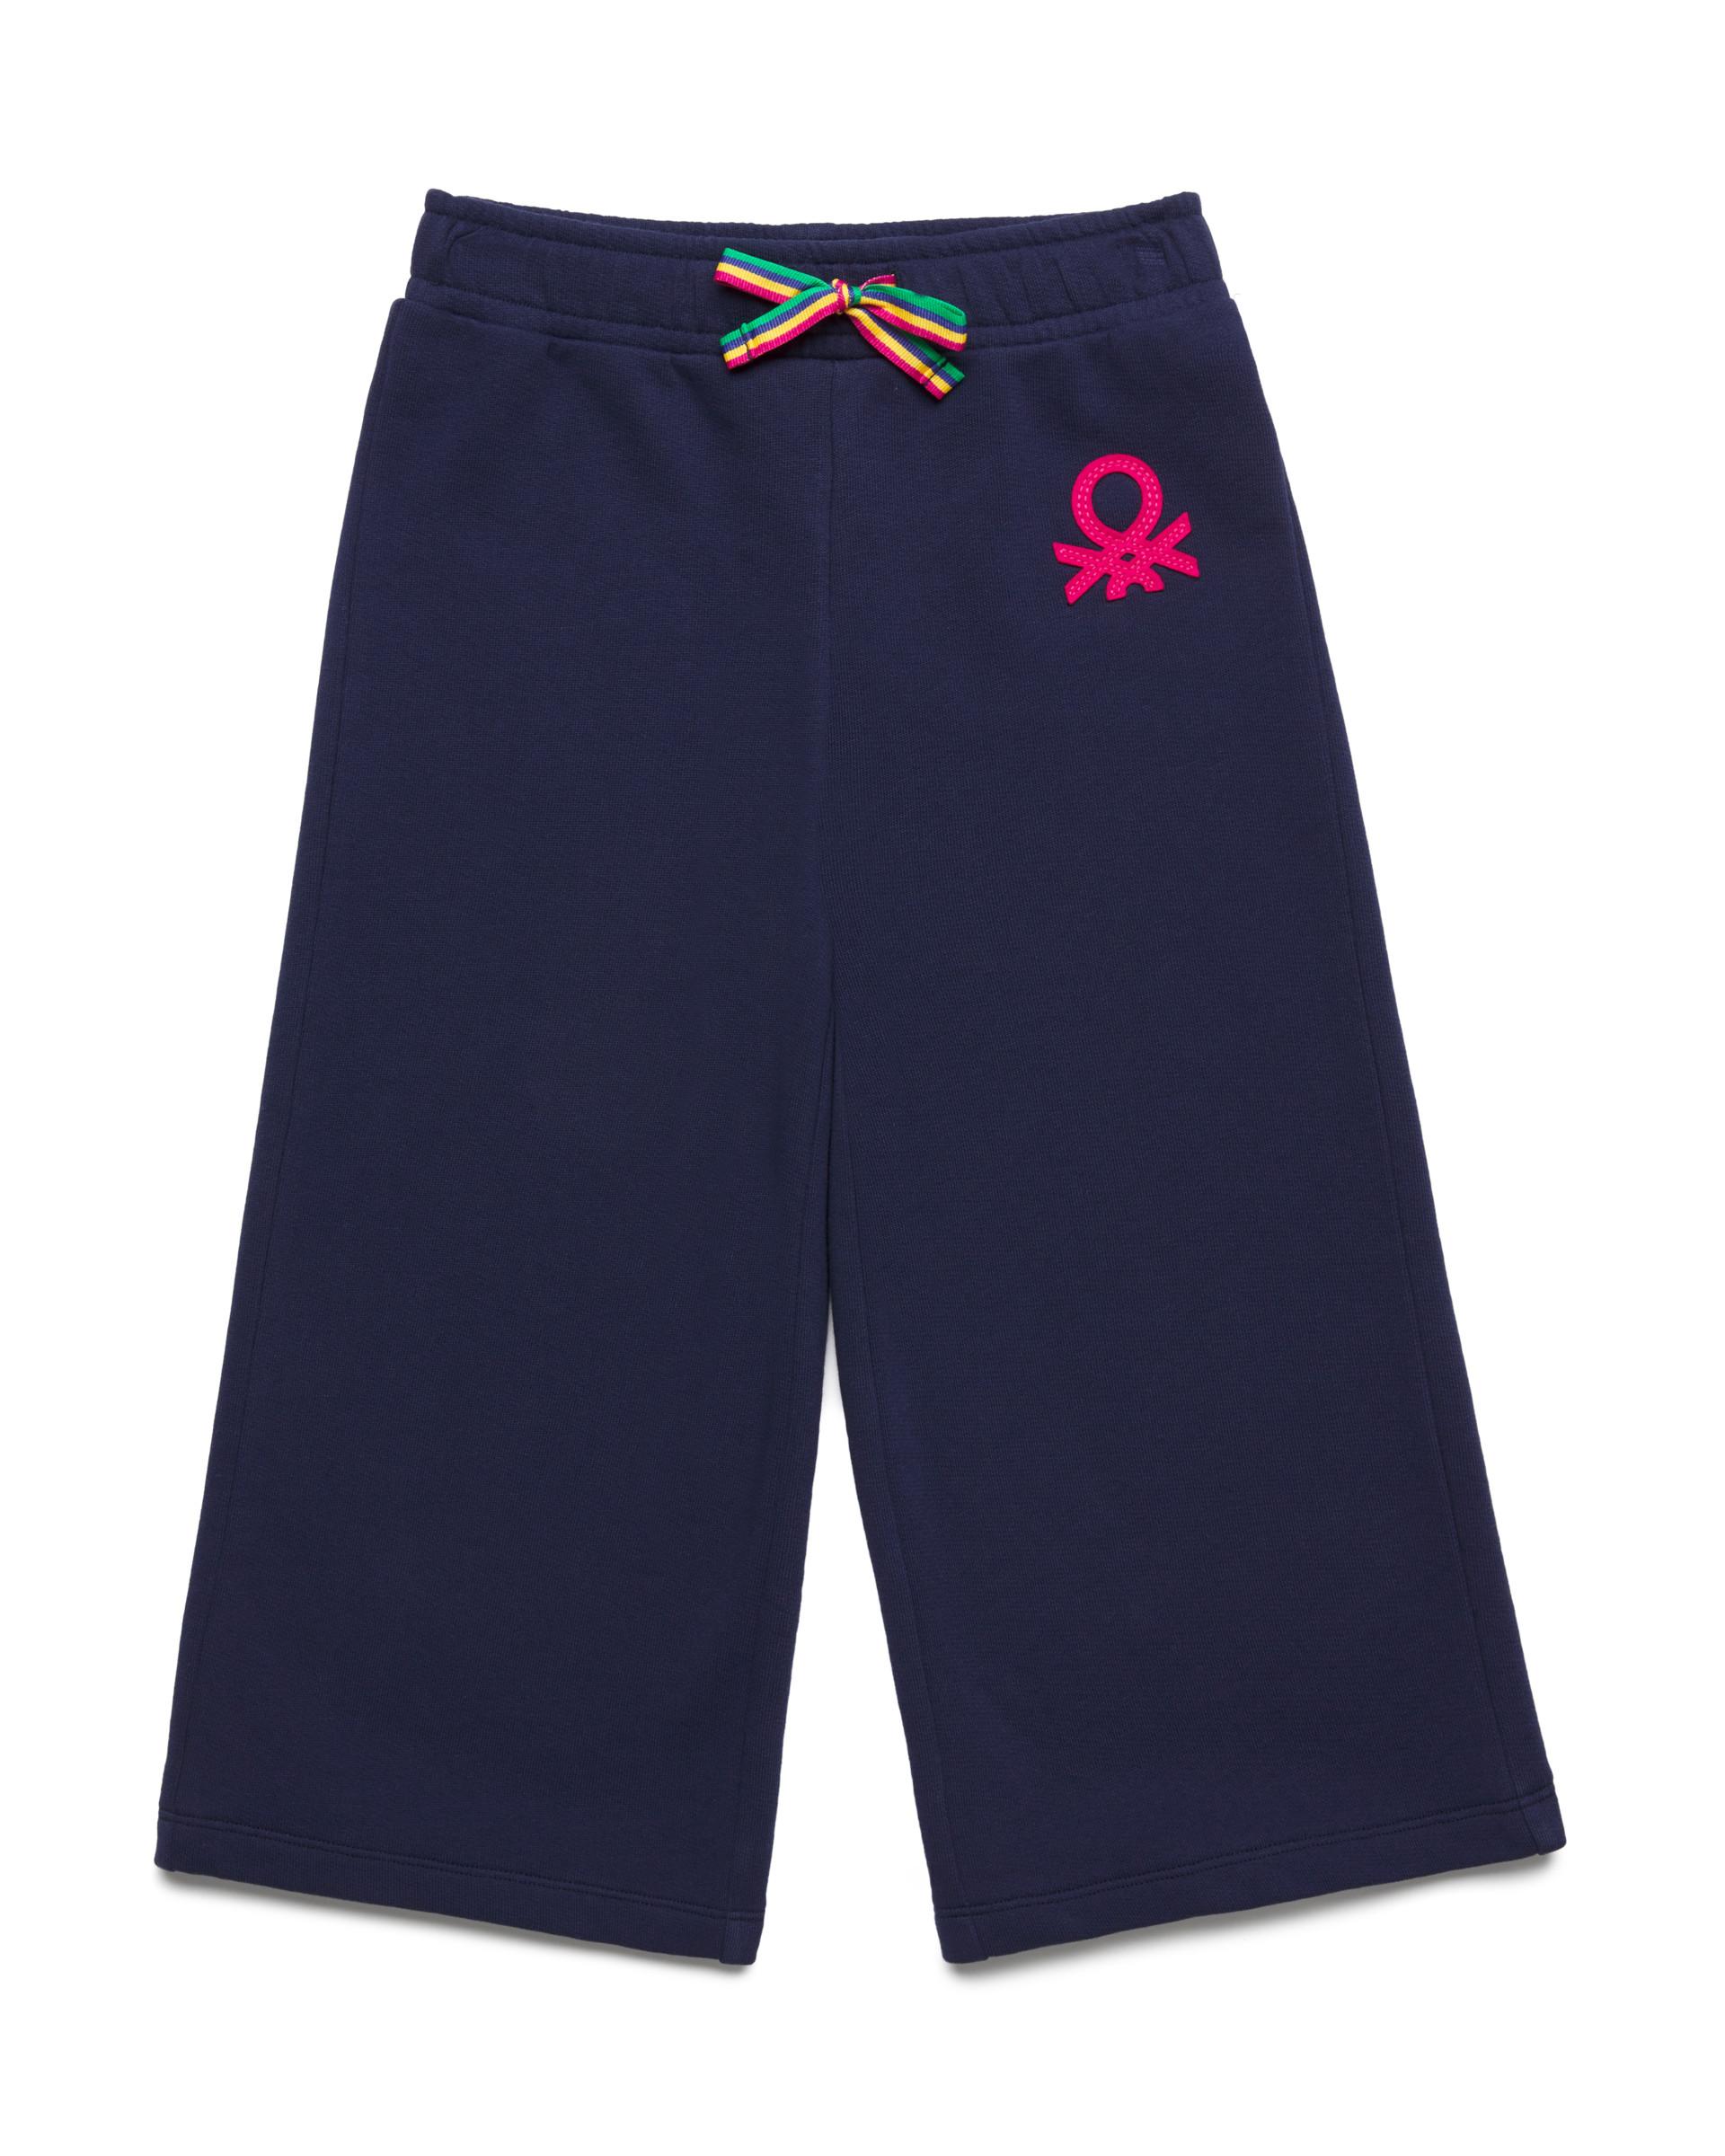 Купить 20P_3J68I0982_252, Спортивные брюки-кюлоты 3/4 для девочек Benetton 3J68I0982_252 р-р 92, United Colors of Benetton, Шорты и брюки для новорожденных